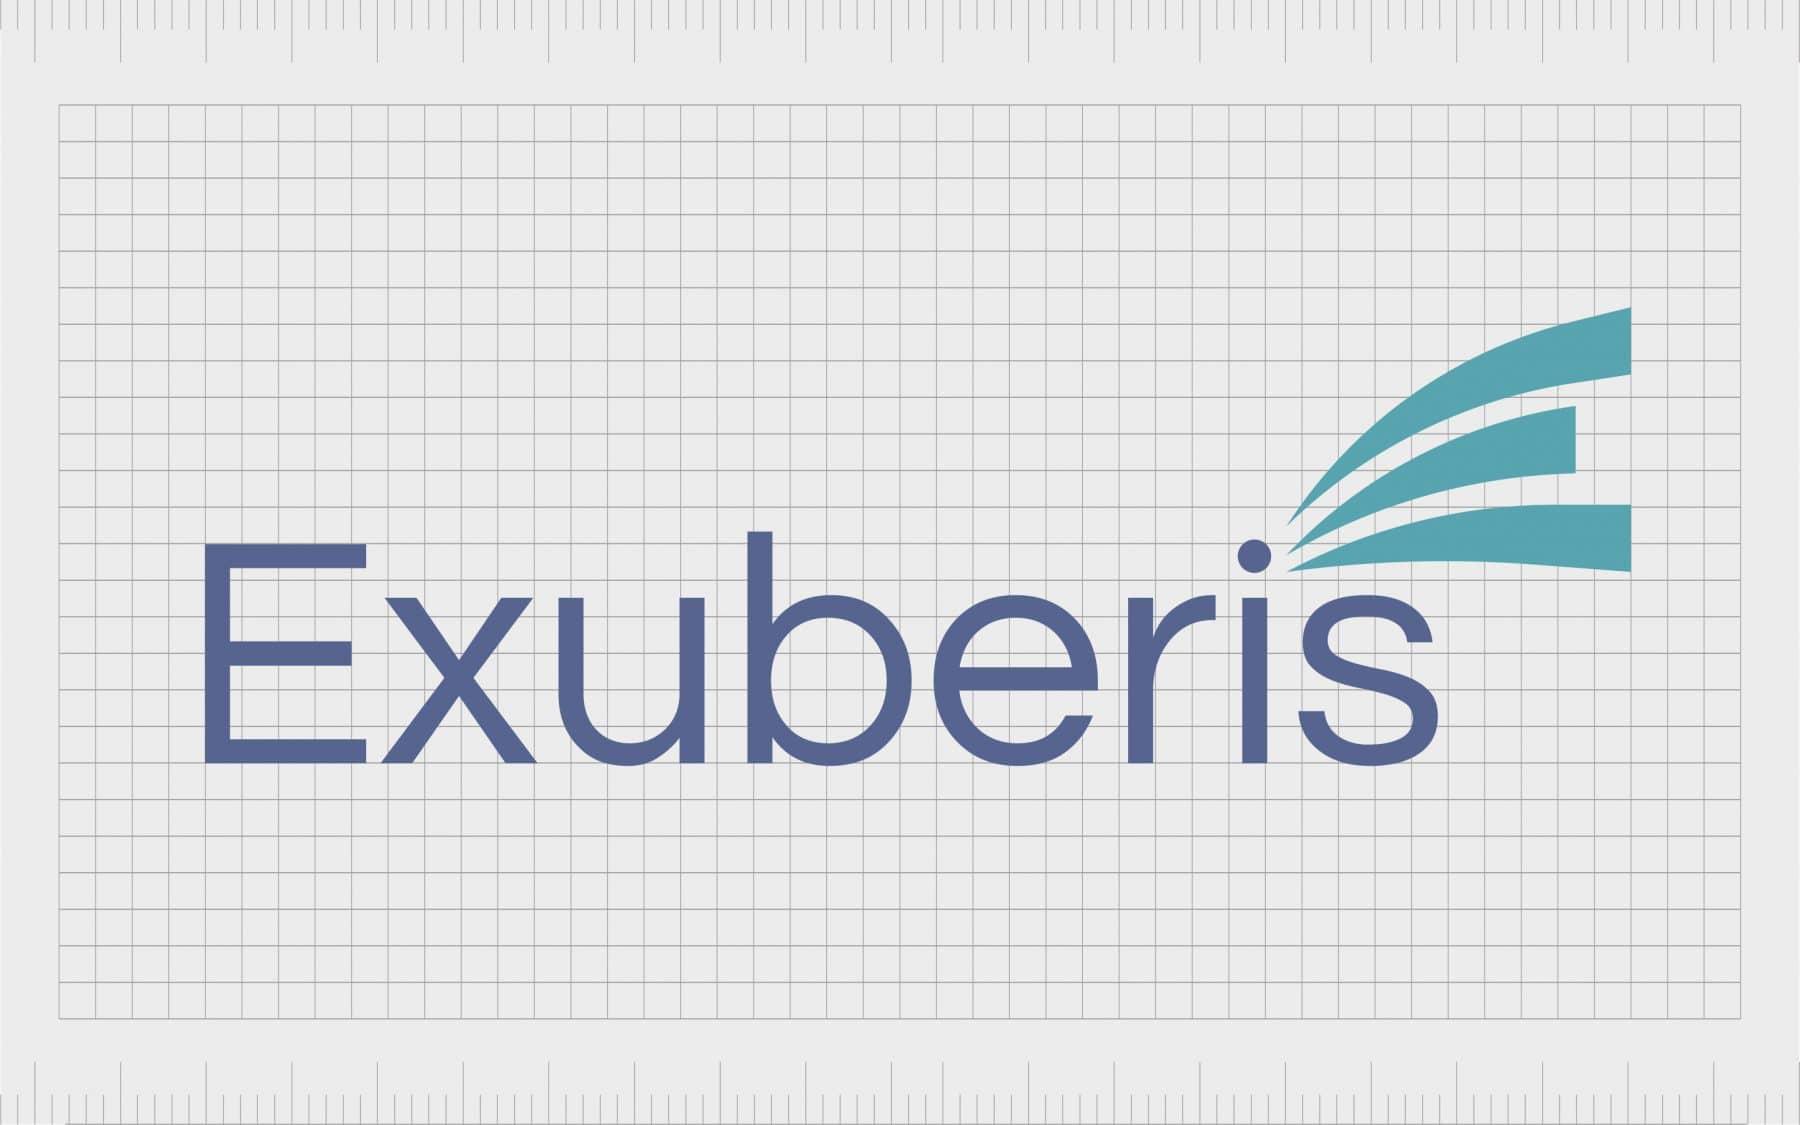 Exuberis